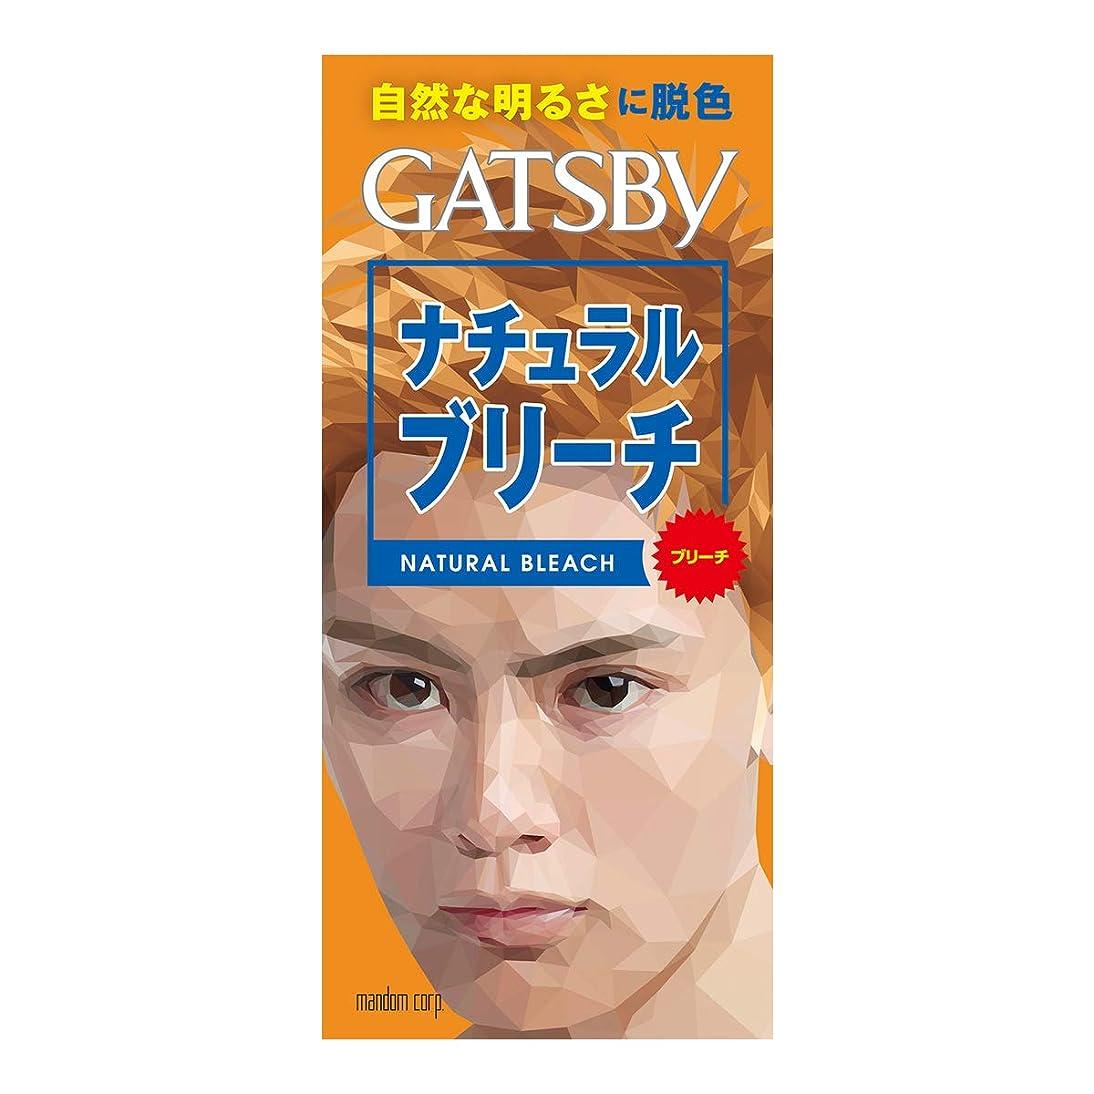 説教のみブラインドギャツビー ナチュラルブリーチ 【HTRC5.1】